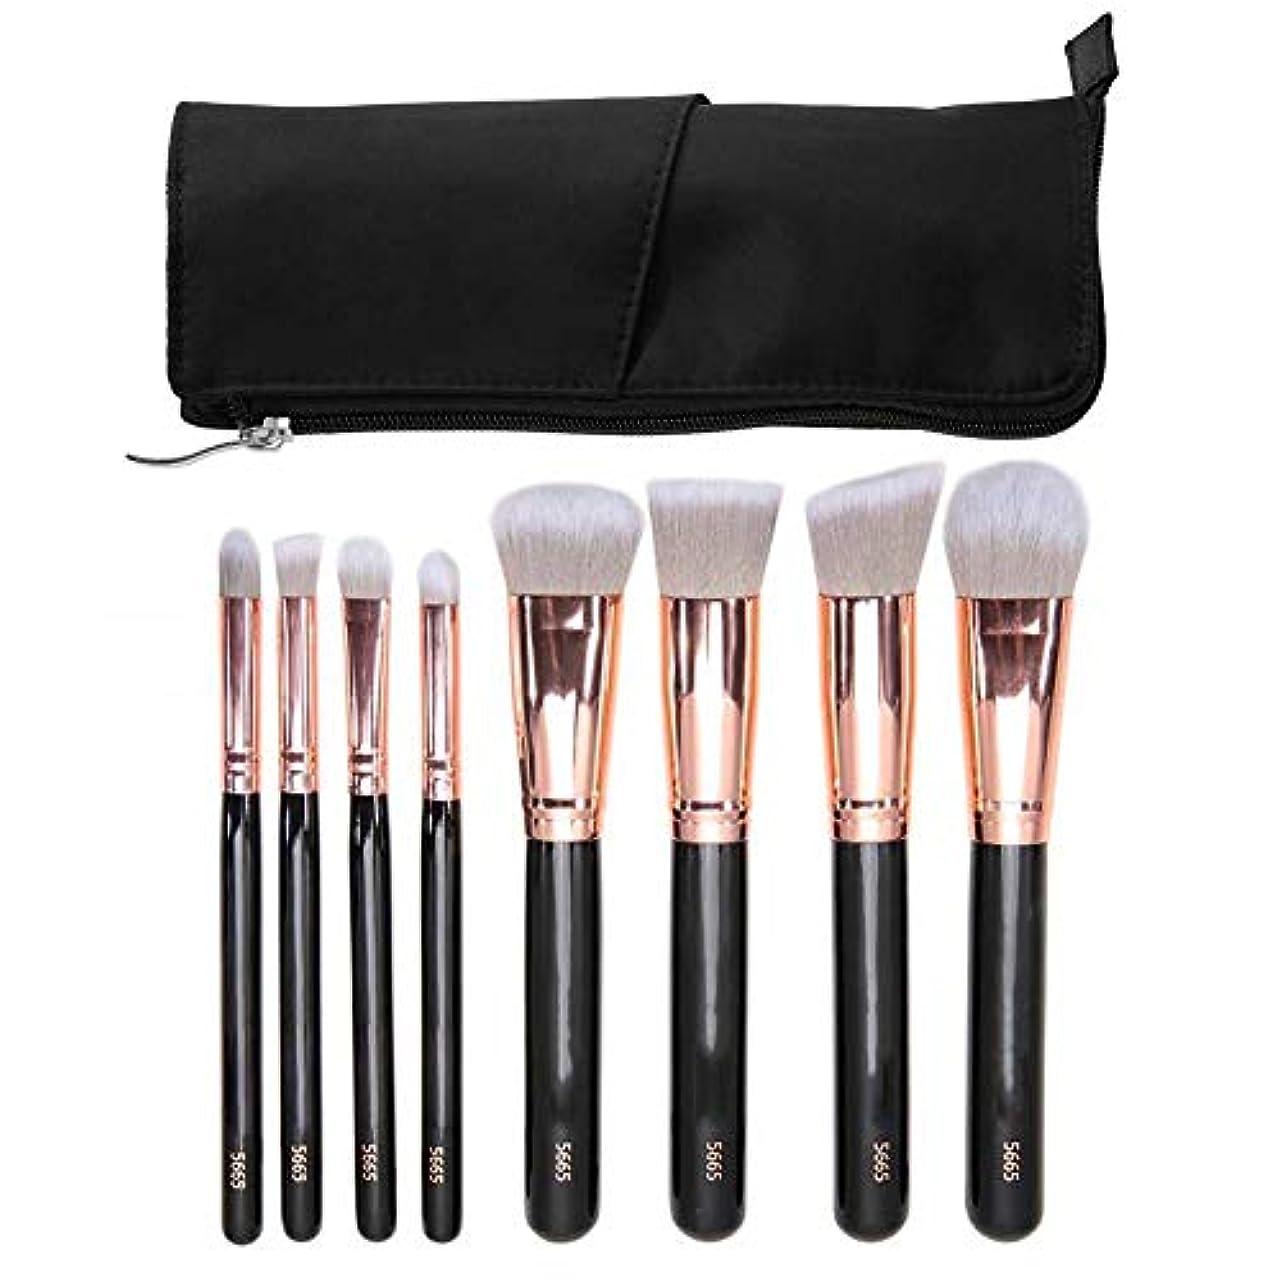 パラシュート復活容量化粧ブラシ、ケース付きポータブル化粧ブラシファンデーションキット頬紅アイシャドウ化粧品ツール(8個) (ゴールド)